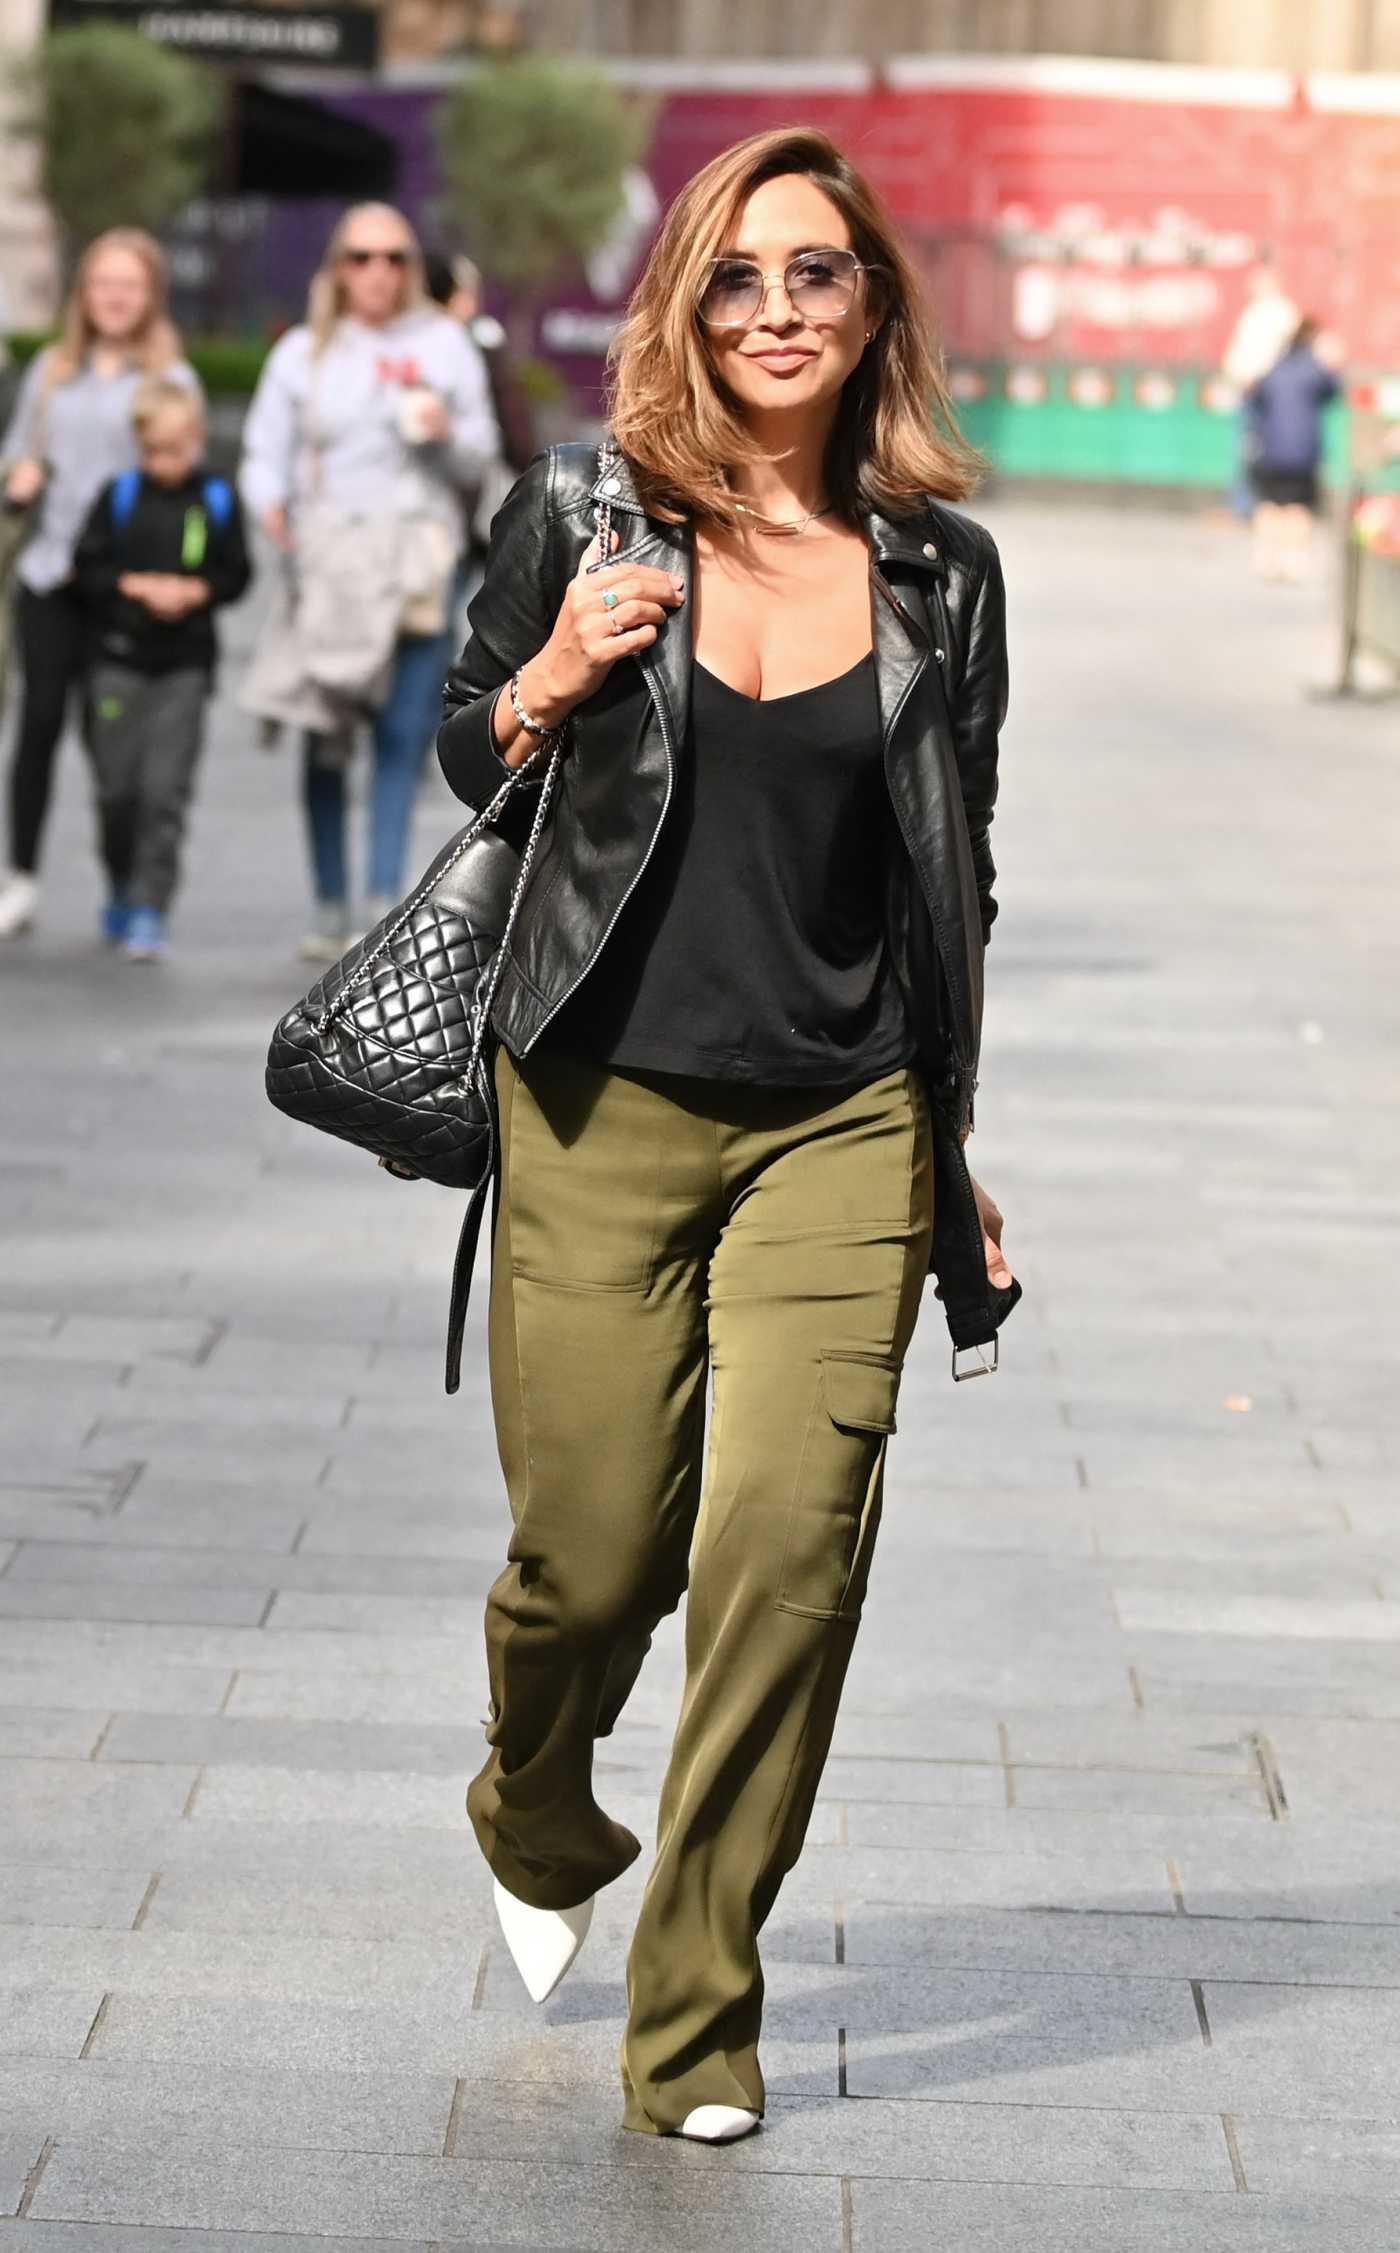 Myleene Klass in an Olive Pants Leaves the Global Radio Studios in London 08/18/2021